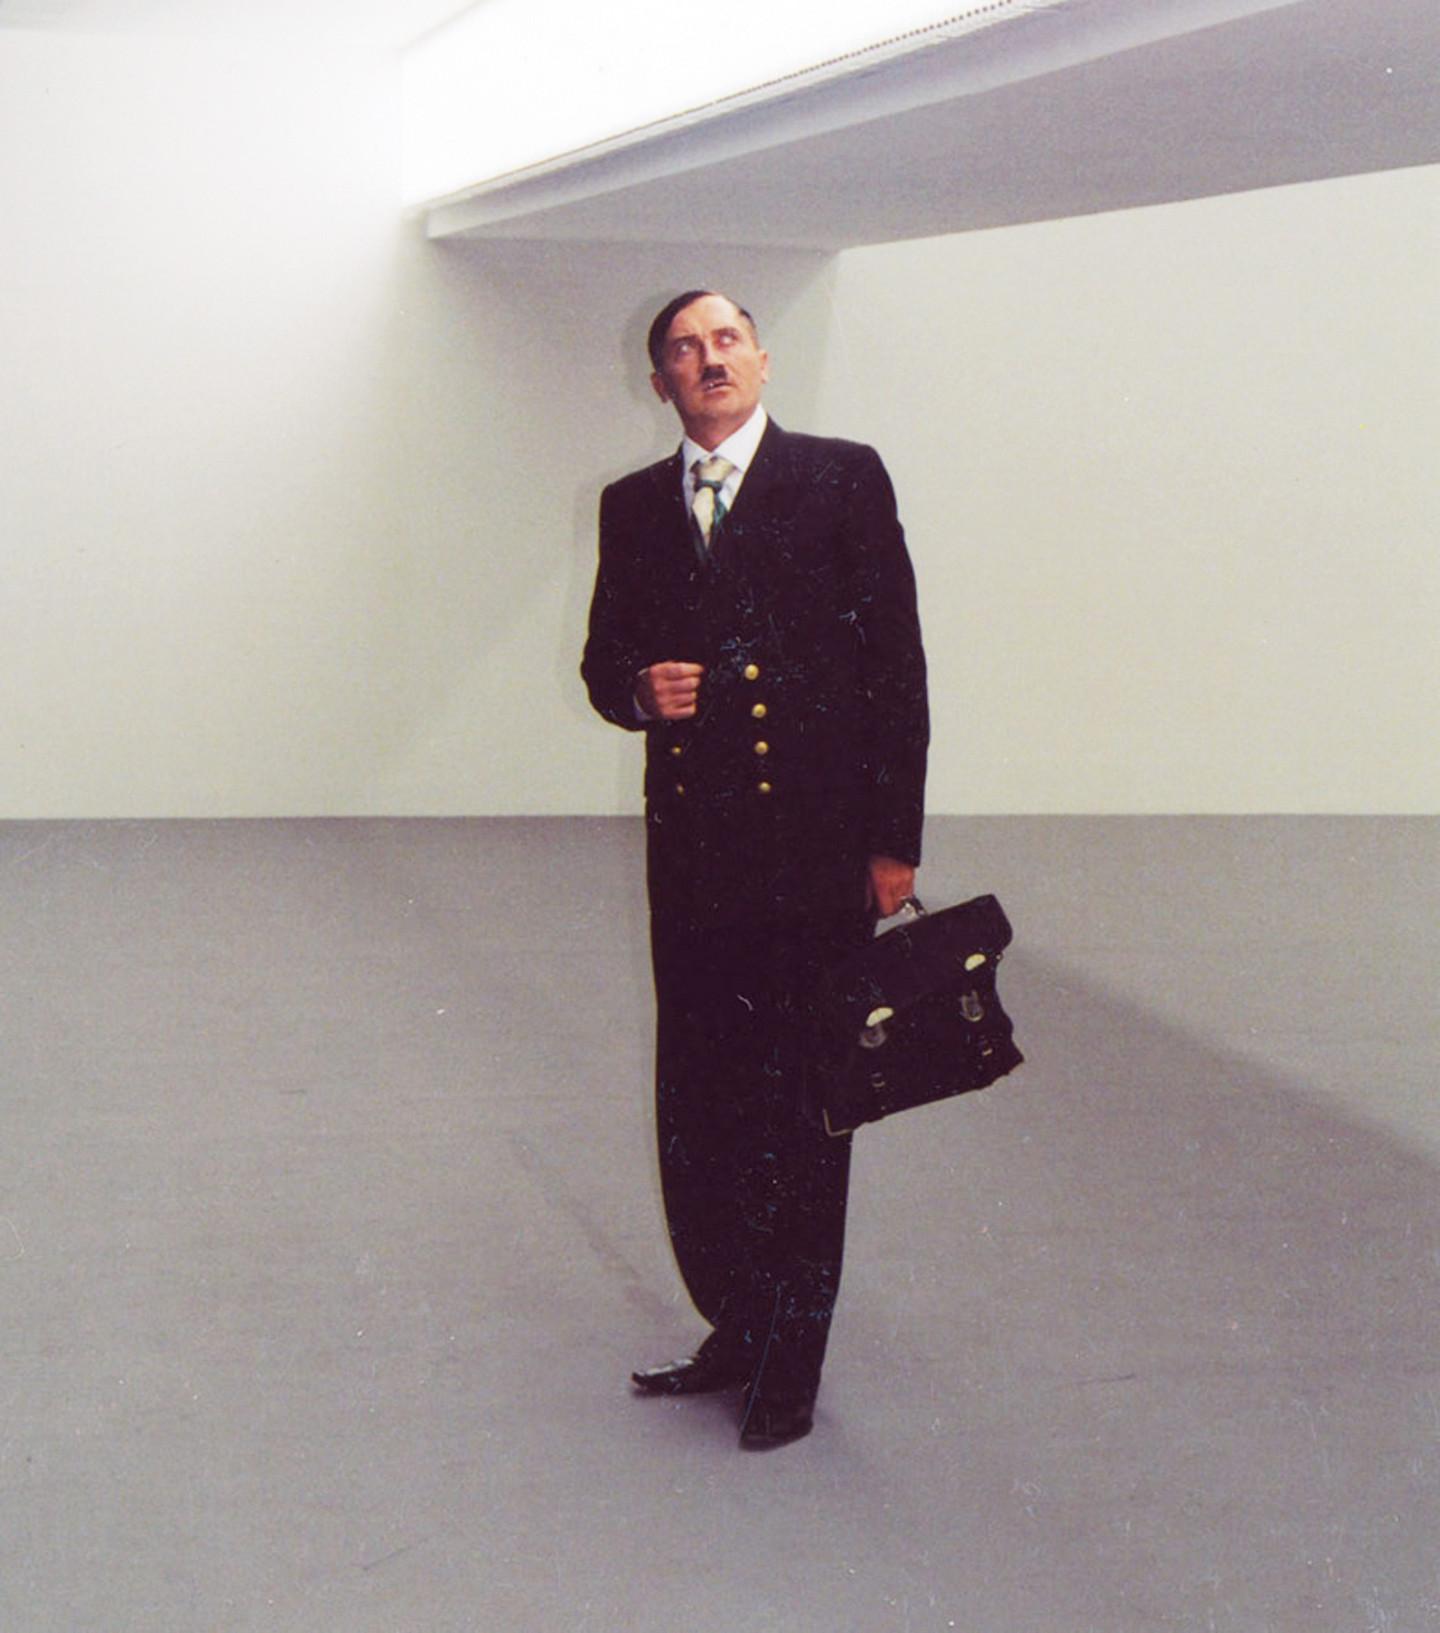 Владислав Мамышев-Монро в образе Адольфа Гитлера. Берлин, 2003